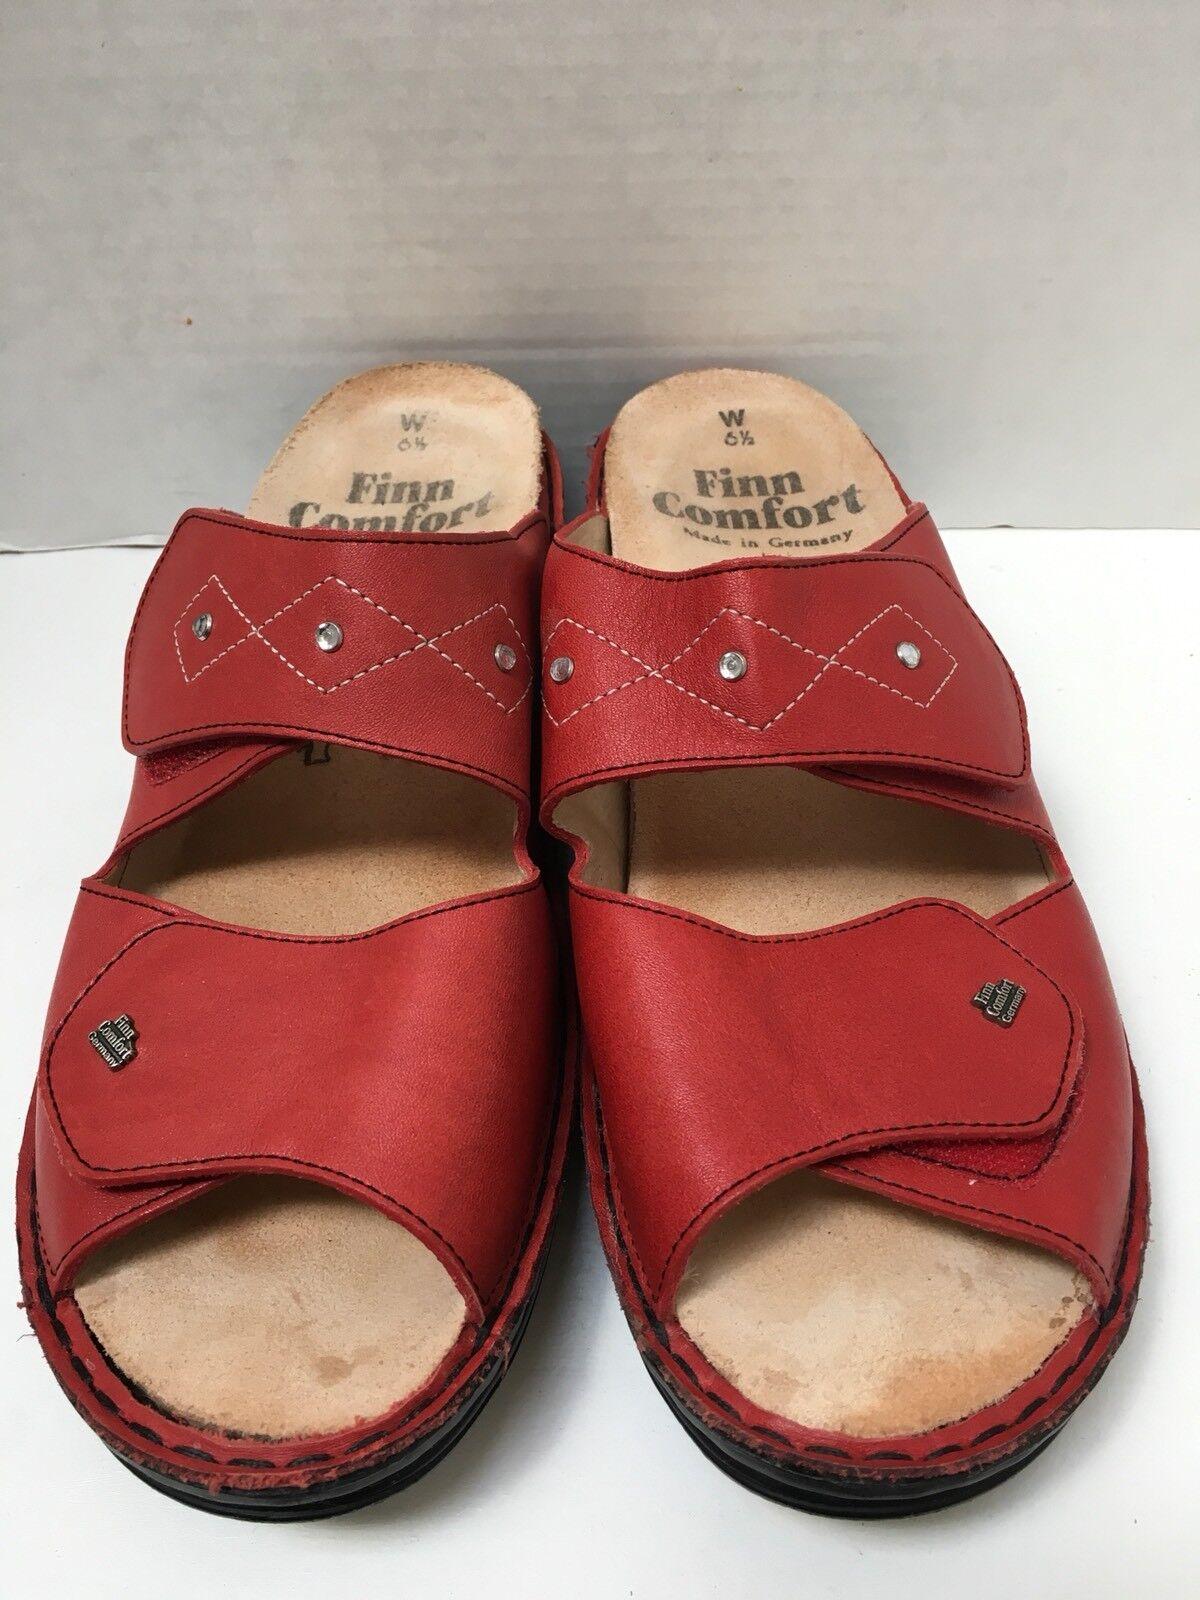 Finn Comfort Sandalias Mujer Cuero Rojo Rhinestones 6.5W 6.5W 6.5W encantador  Precio al por mayor y calidad confiable.